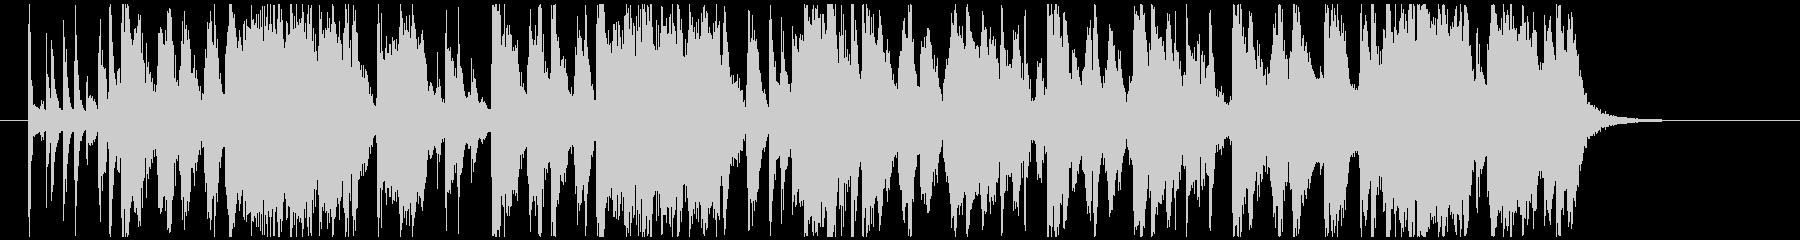 クイズ考え中のBGMの未再生の波形